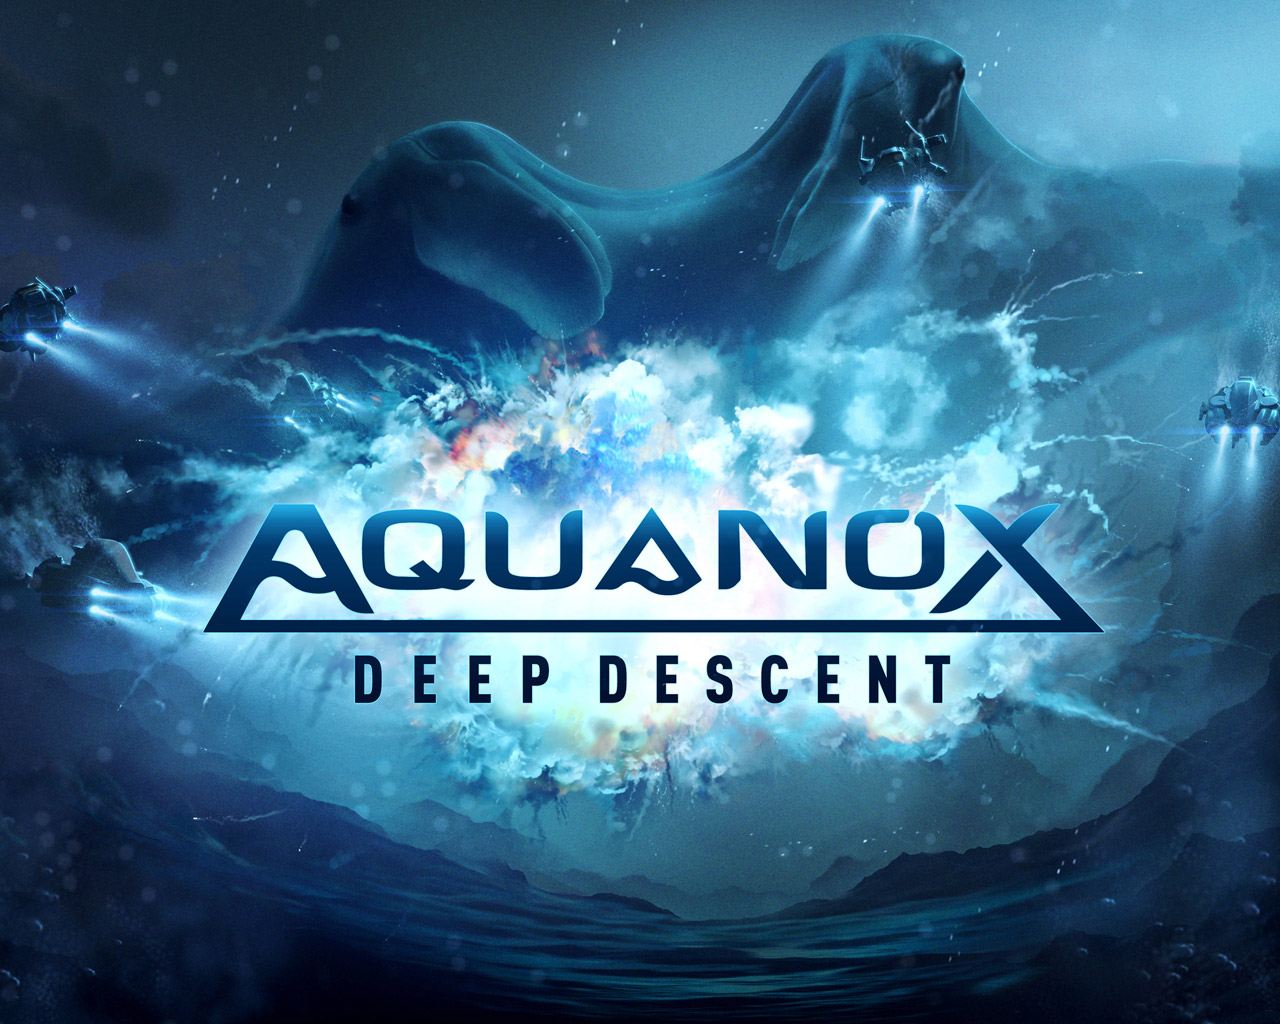 Free Aquanox Deep Descent Wallpaper in 1280x1024